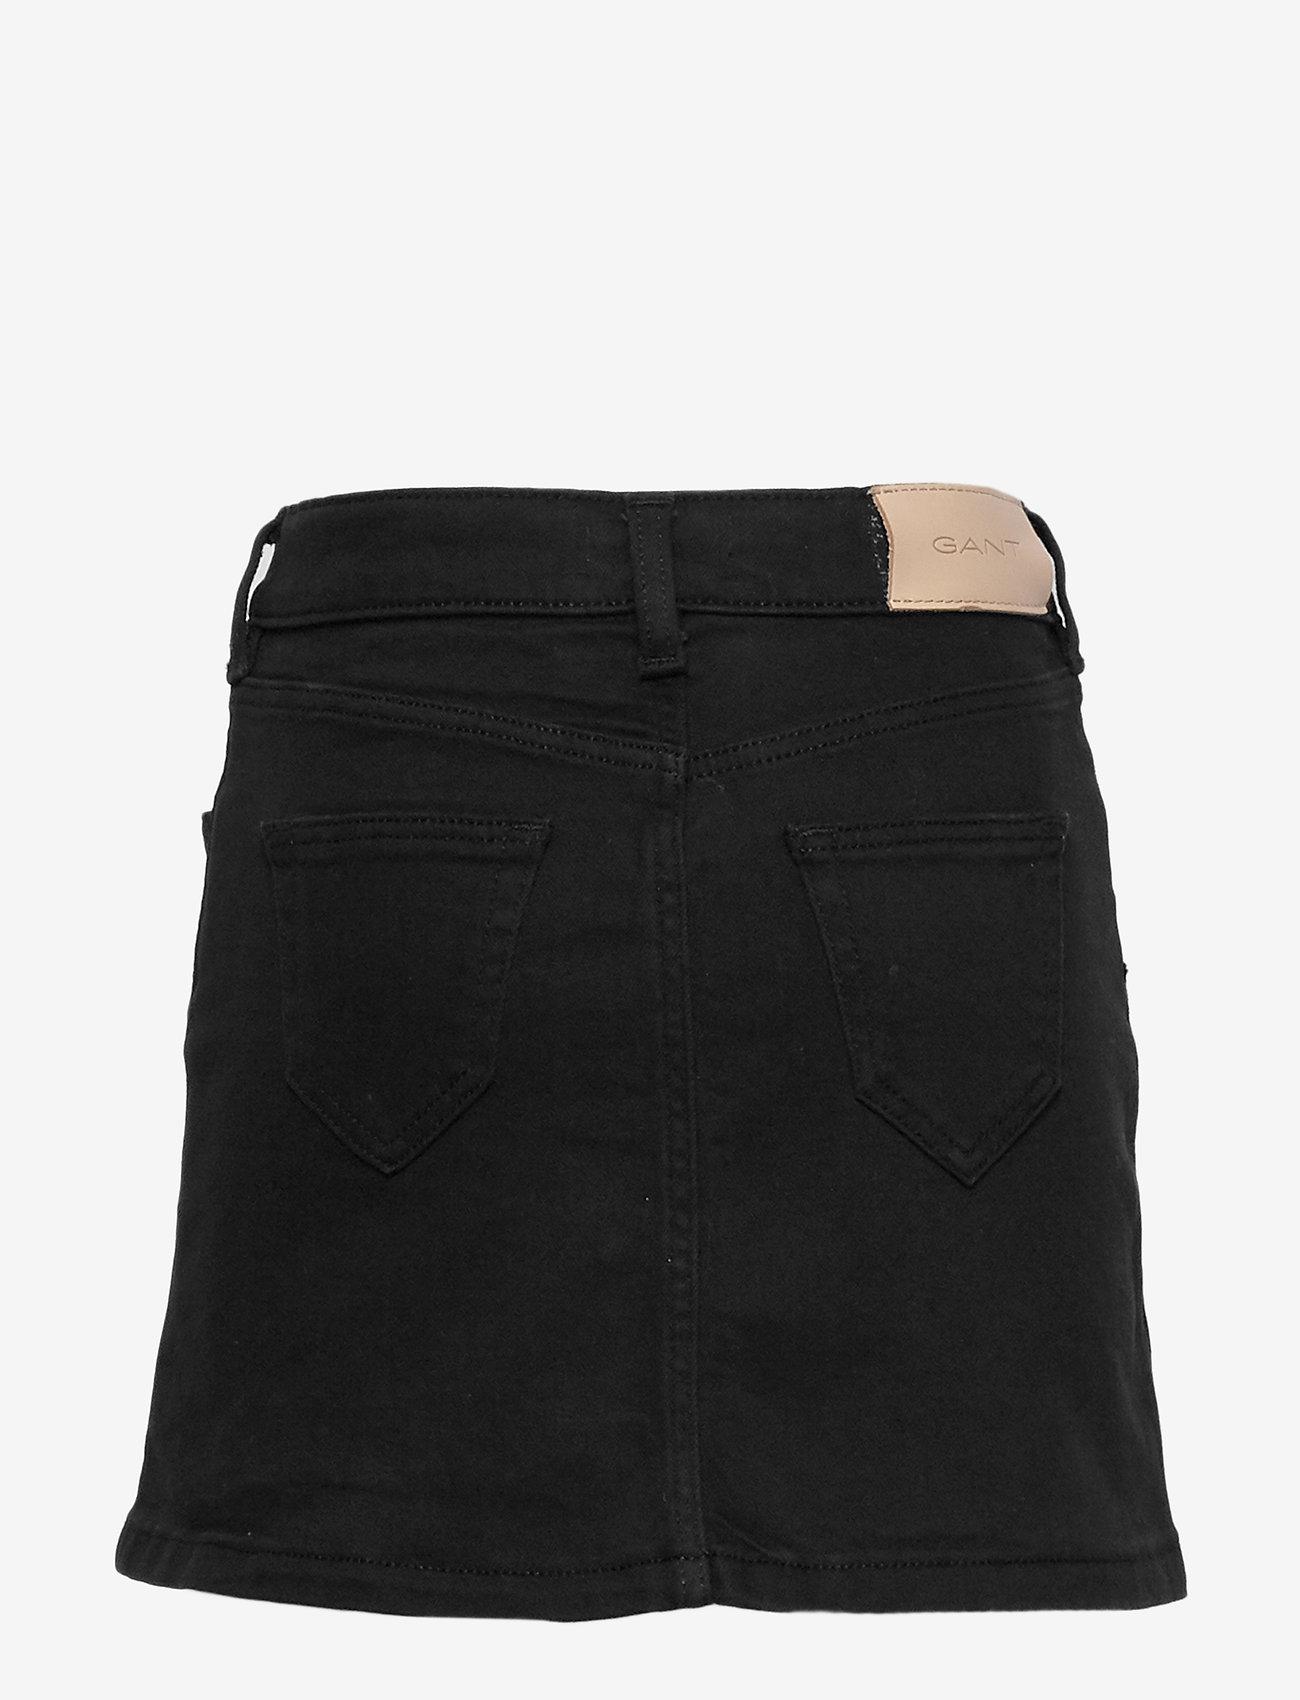 GANT - D1. Twill skirt - skirts - black - 1